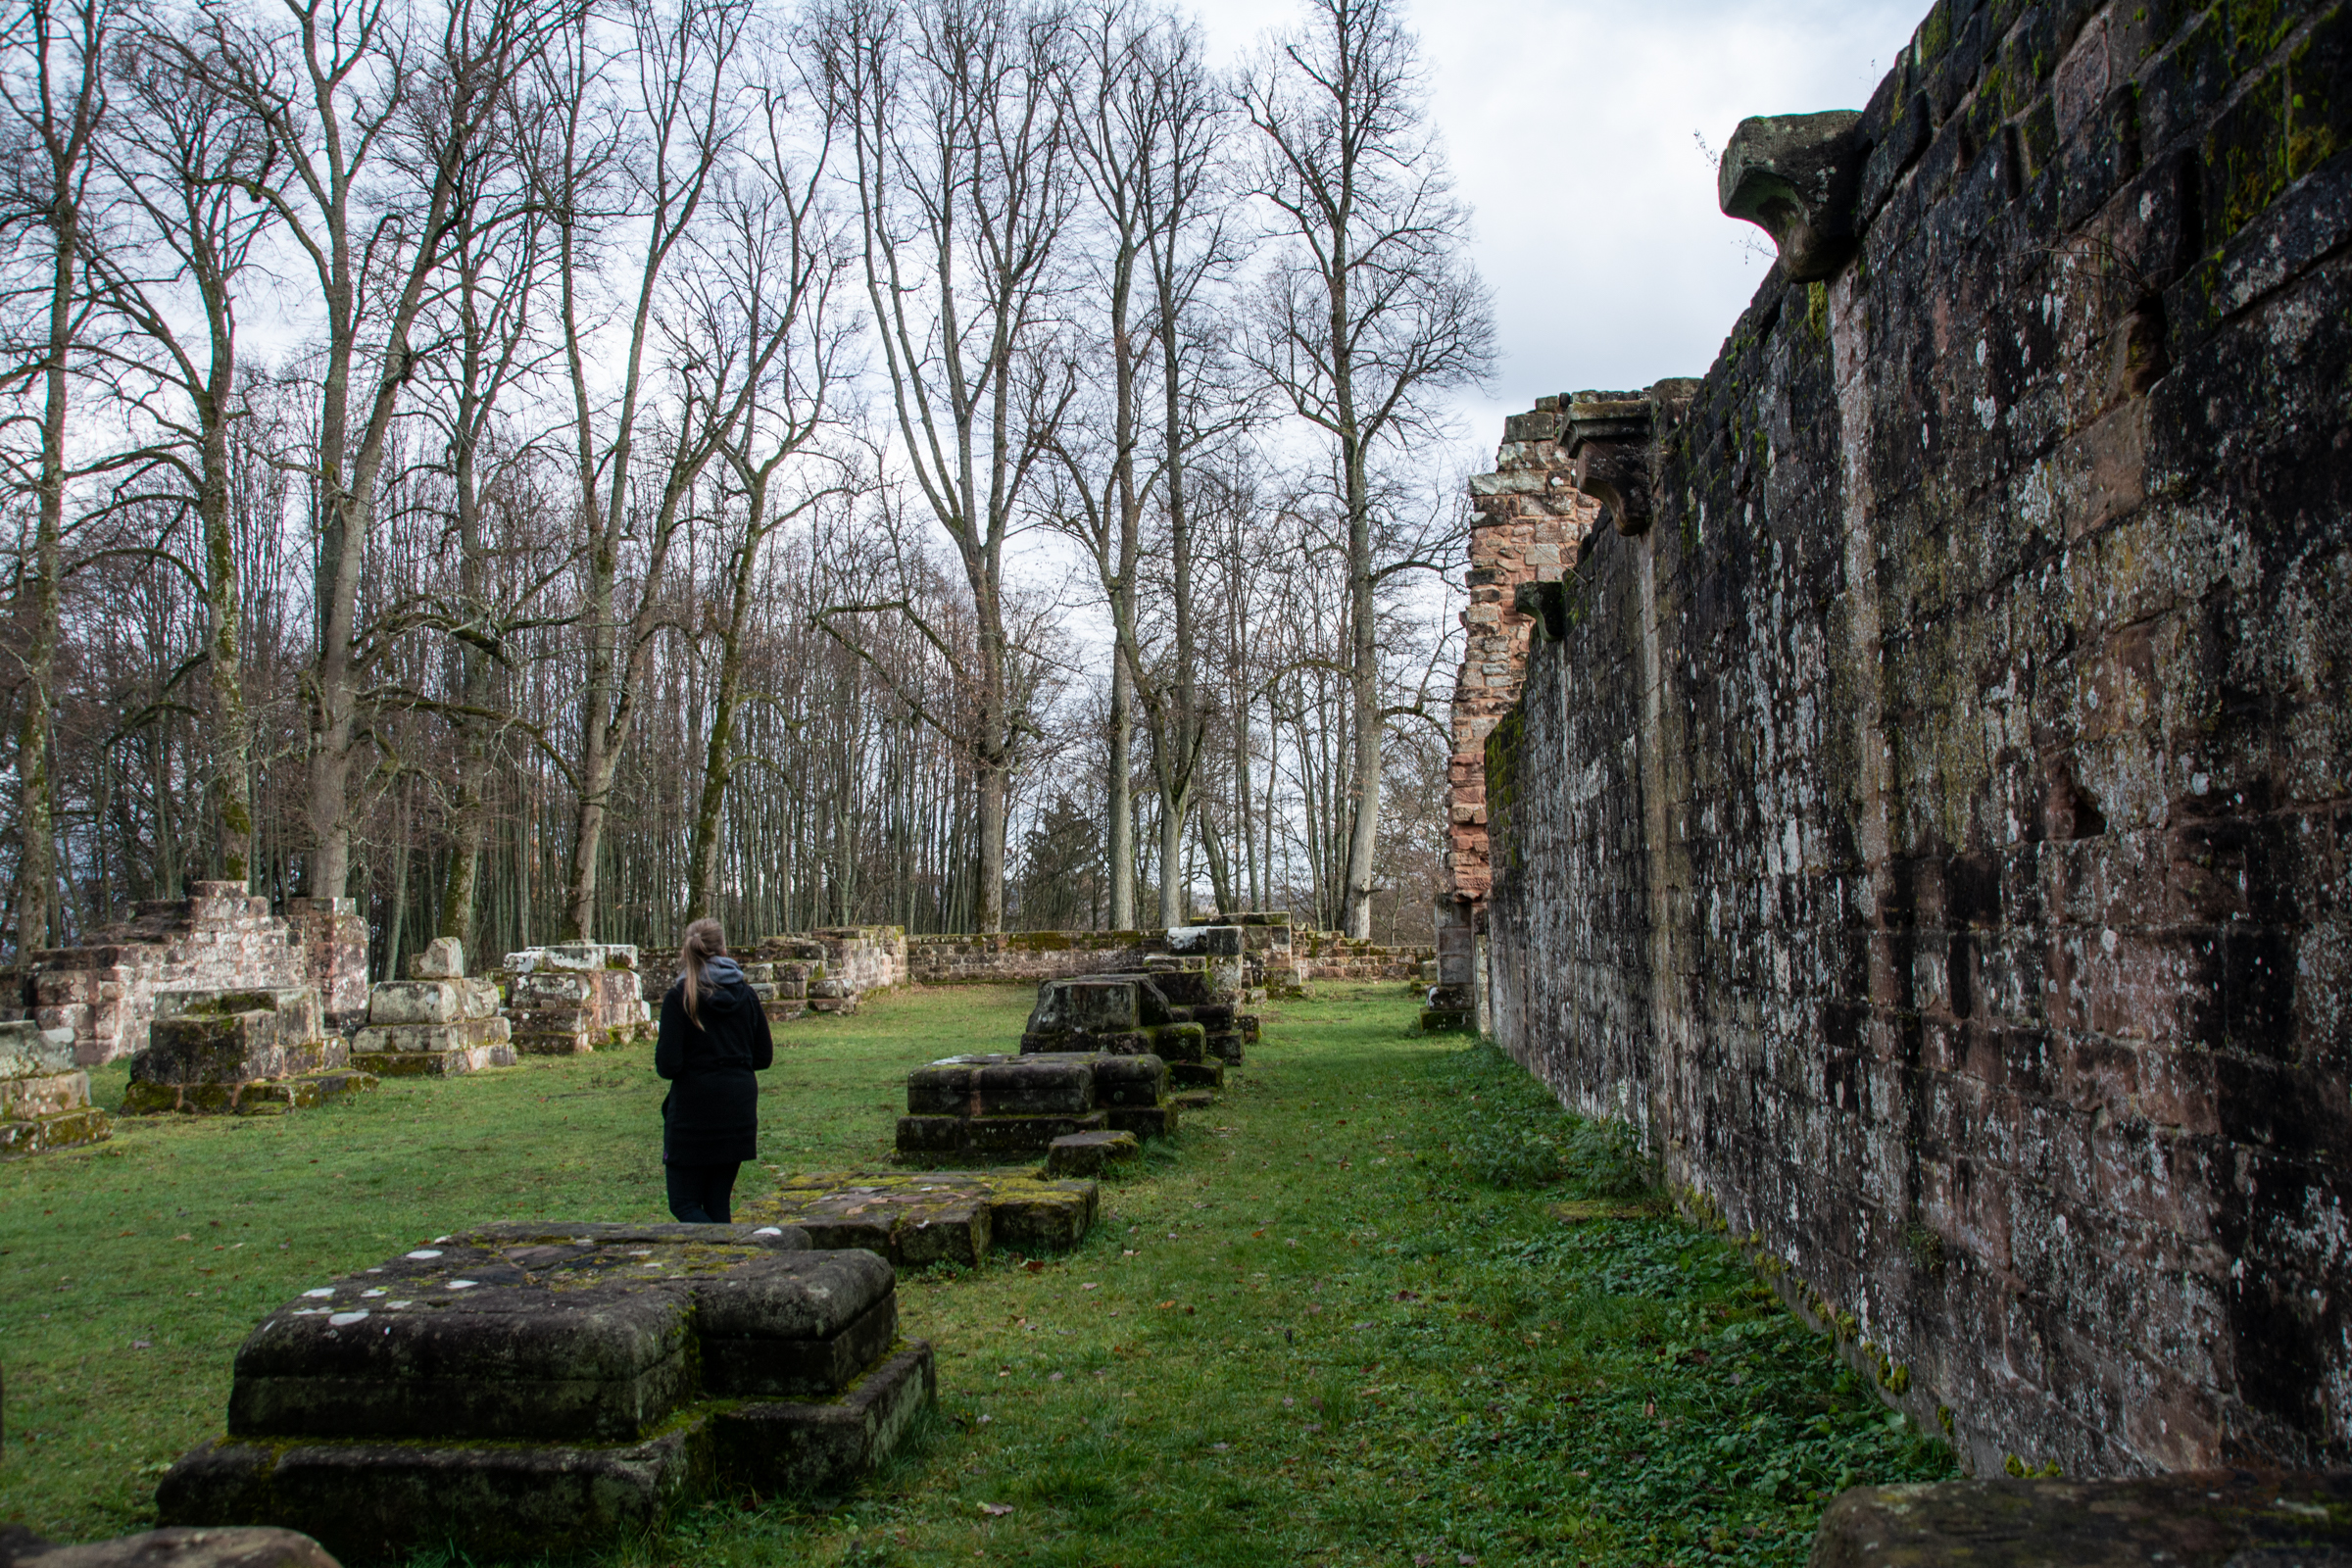 Klosterruine Wörschweiler   Homburg   Saar-Pfalz   Saarland